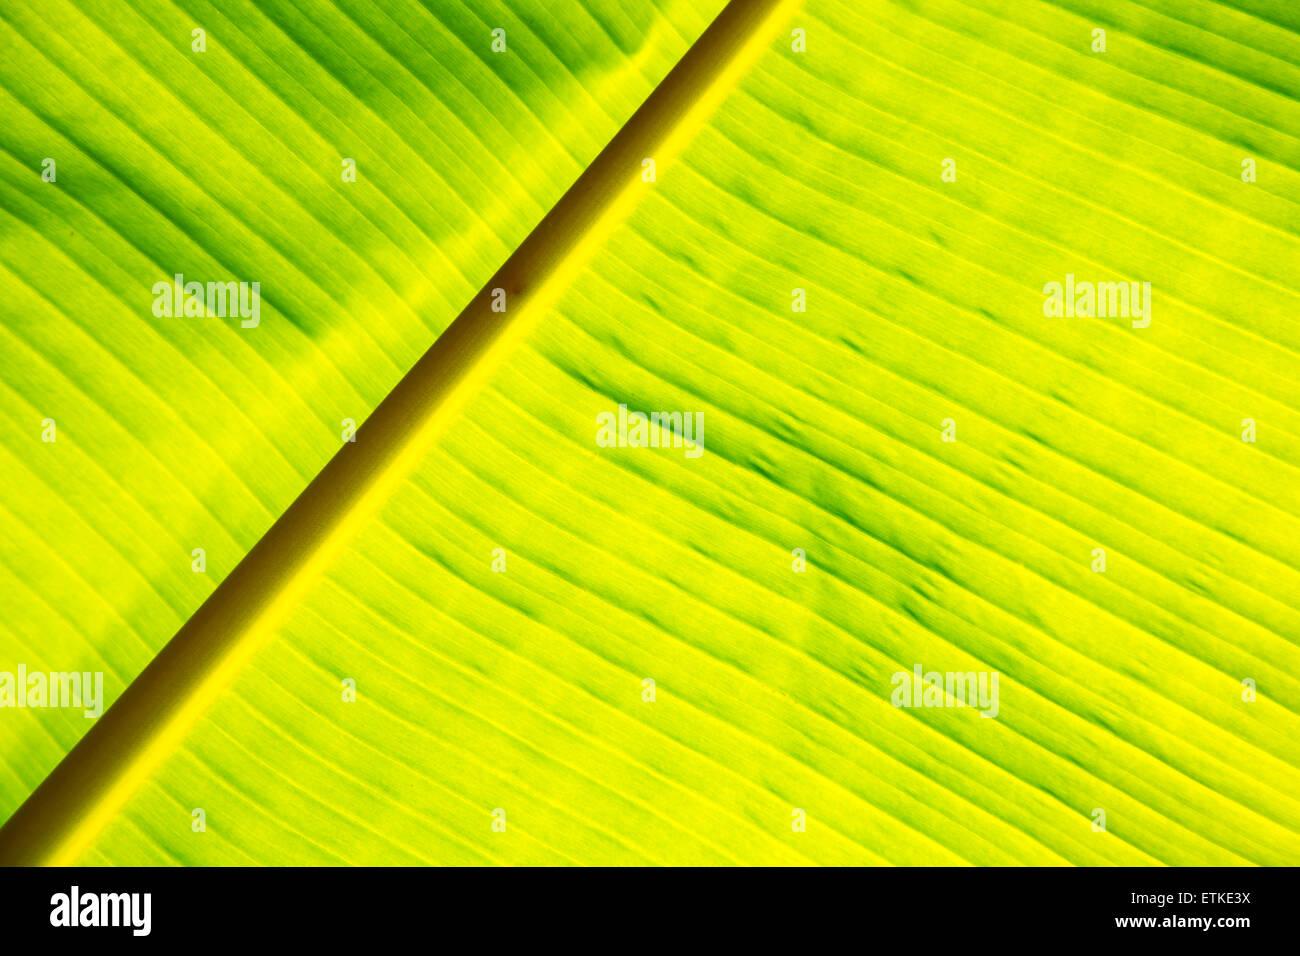 Textur der Hintergrundbeleuchtung frisches grünes Blatt Hintergrund Nahaufnahme Stockbild